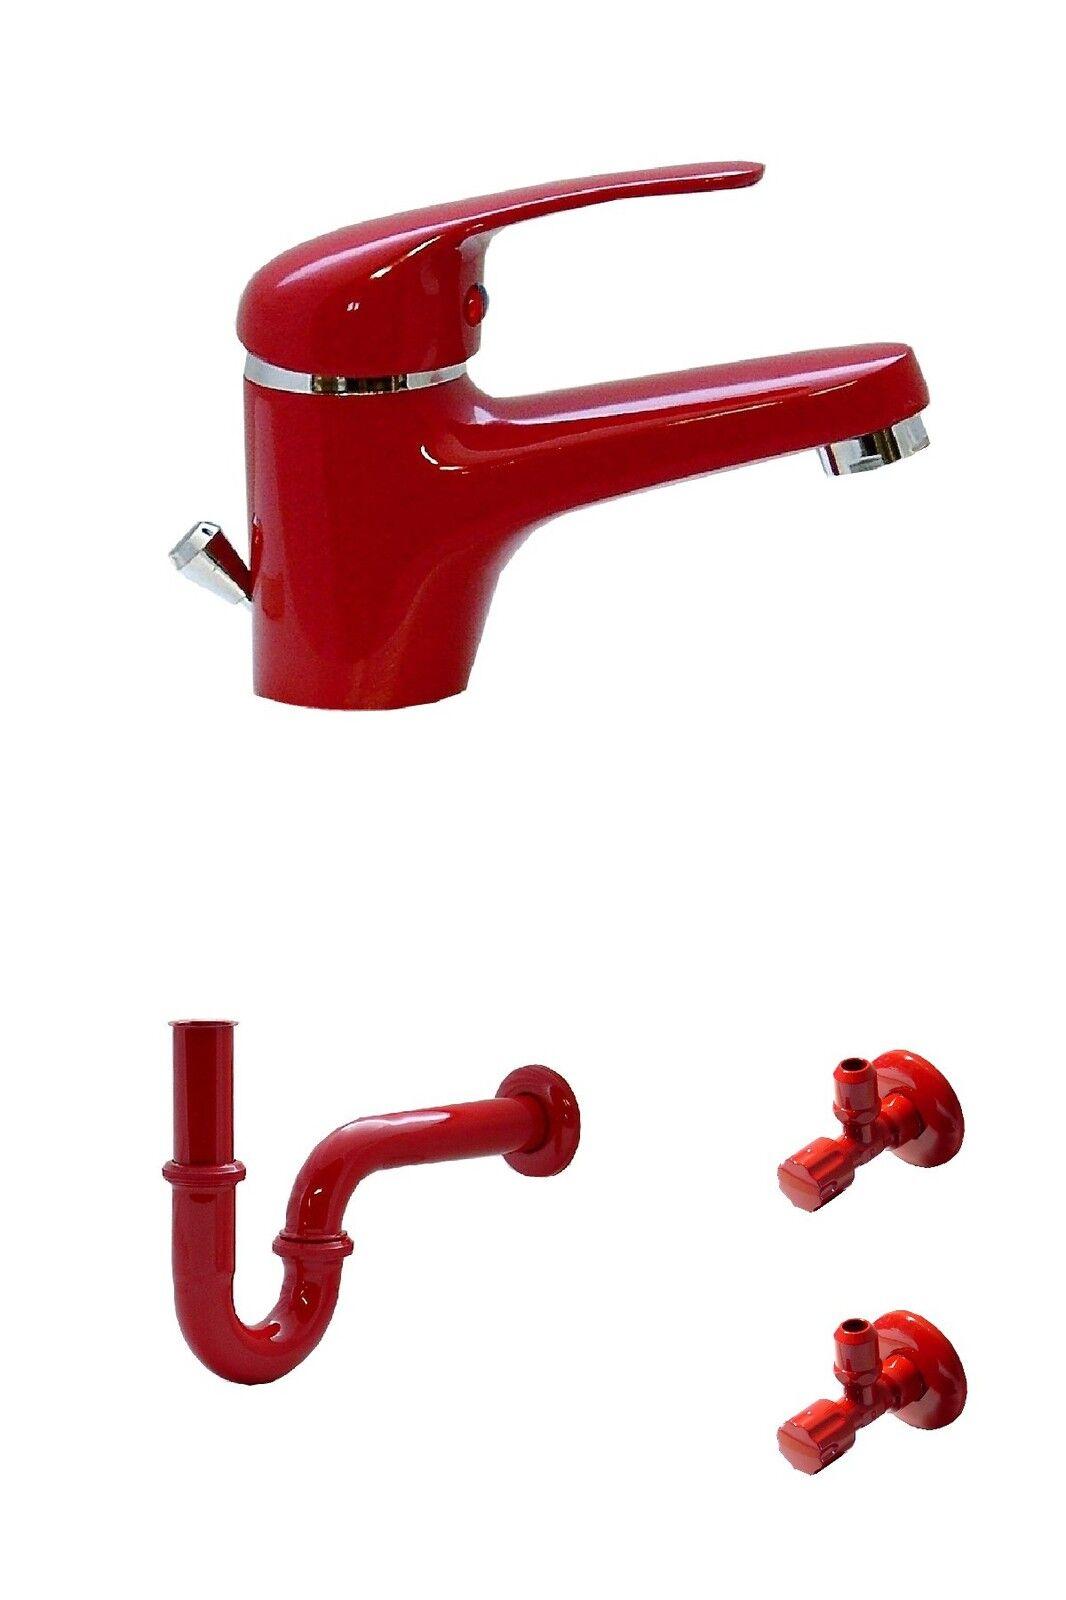 Lavabo Baño Grifo Agua Grifería Sifón 2 Válvulas de Esquina